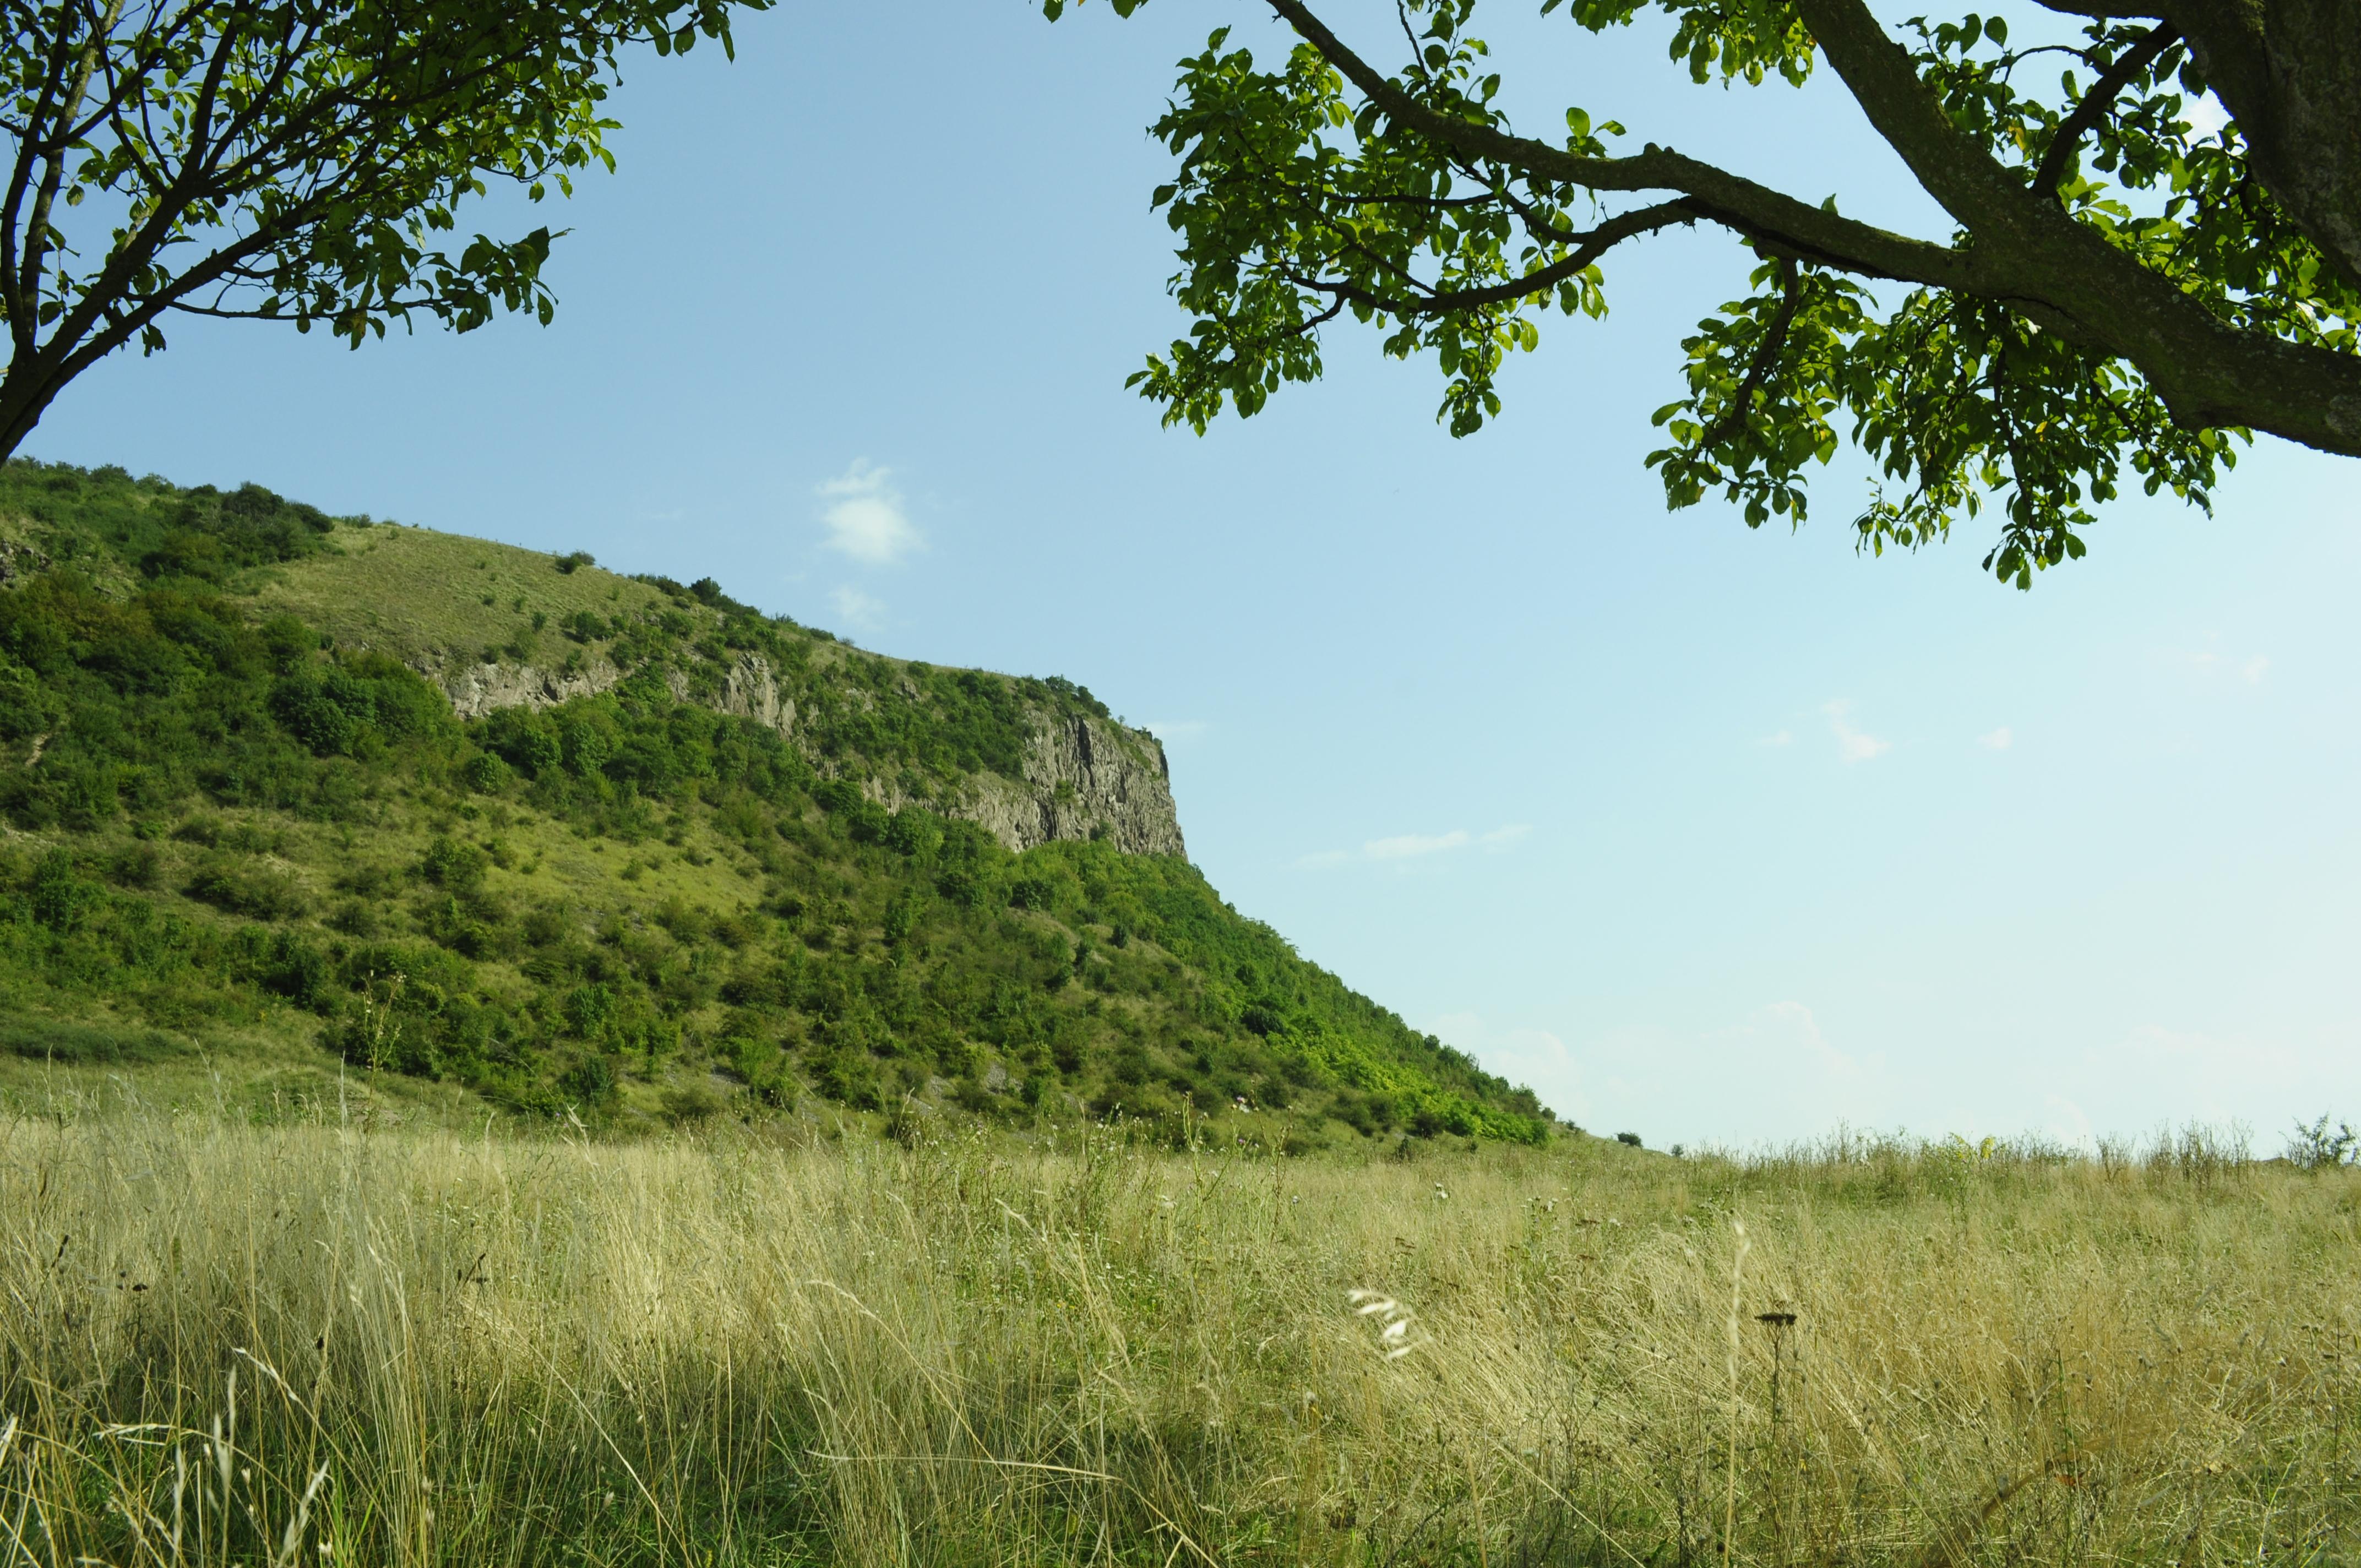 Proiectul de Regulament al ariilor naturale protejate ROSPA0139 Piemontul Munților Metaliferi-Vințu (împreună cu 2.519 Măgura Uroiului) și ROSCI0419 Mureșul Mijlociu-Cugir